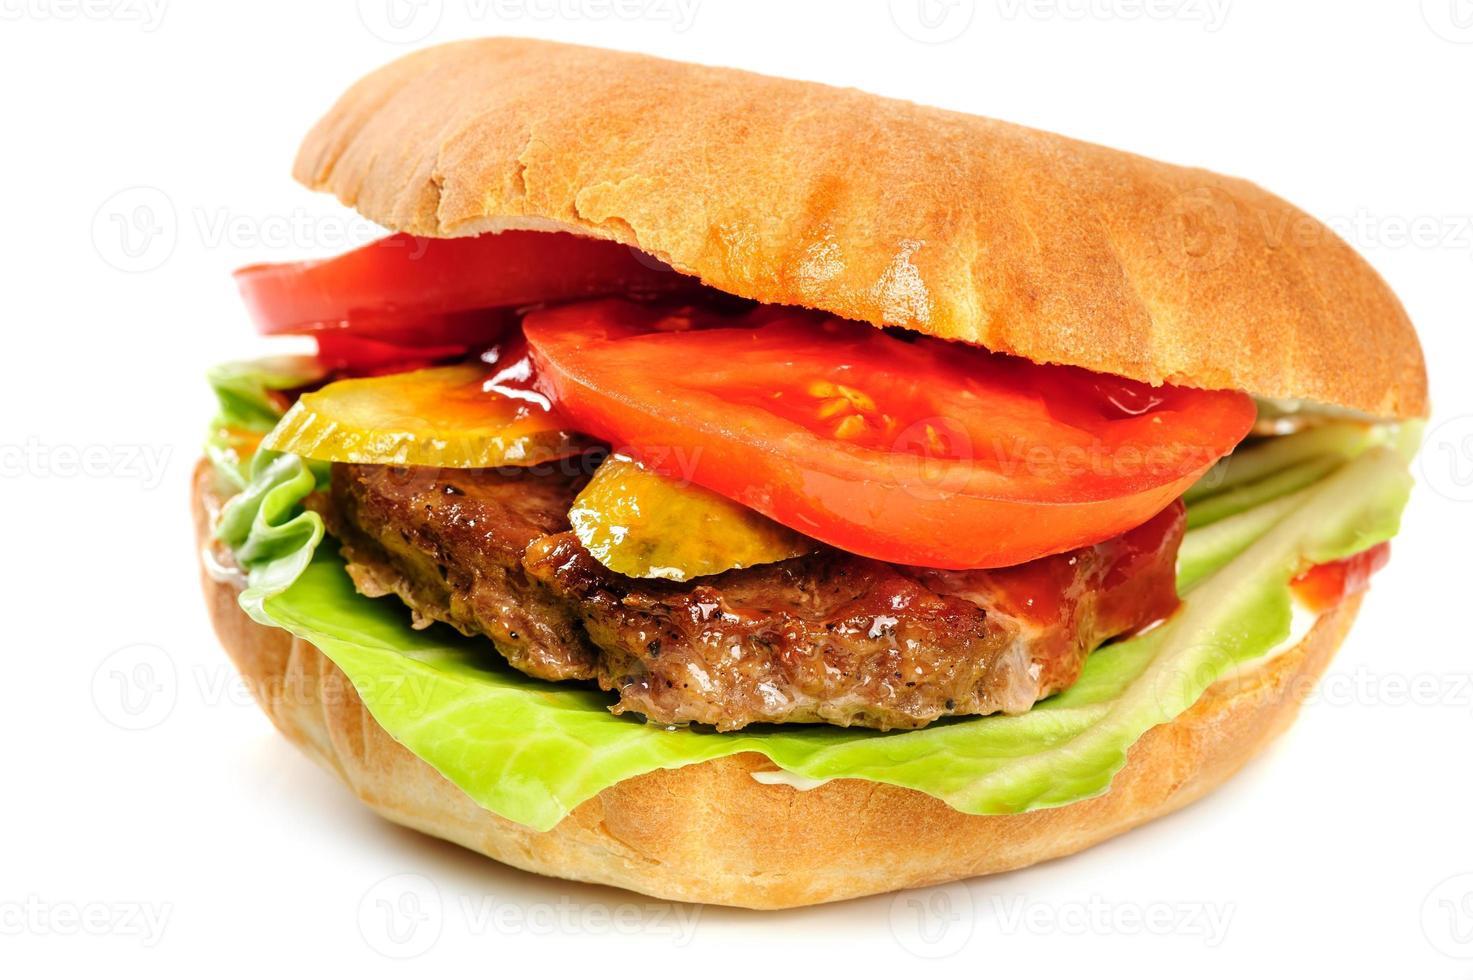 realistisch aussehender Hamburger foto